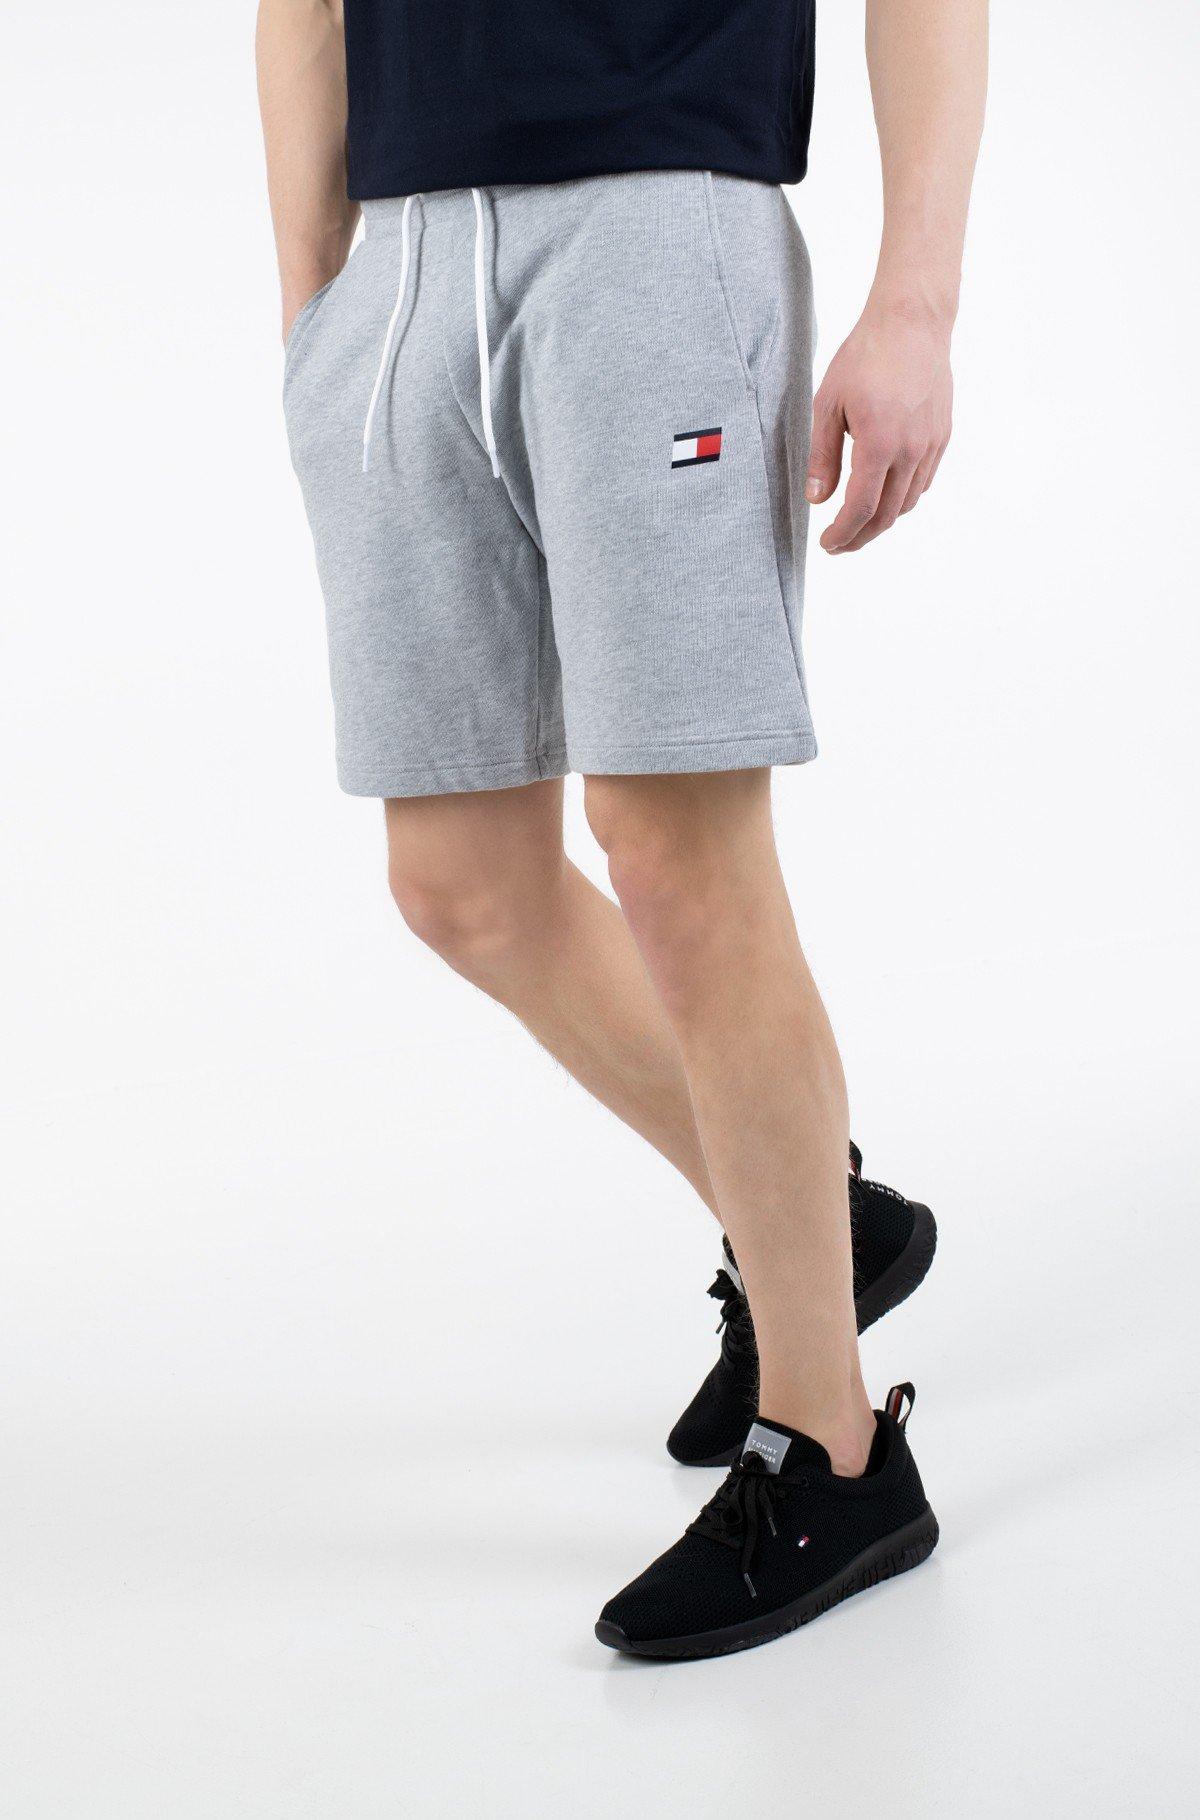 Lühikesed dressipüksid 9' KNIT SHORTS FLEECE-full-1